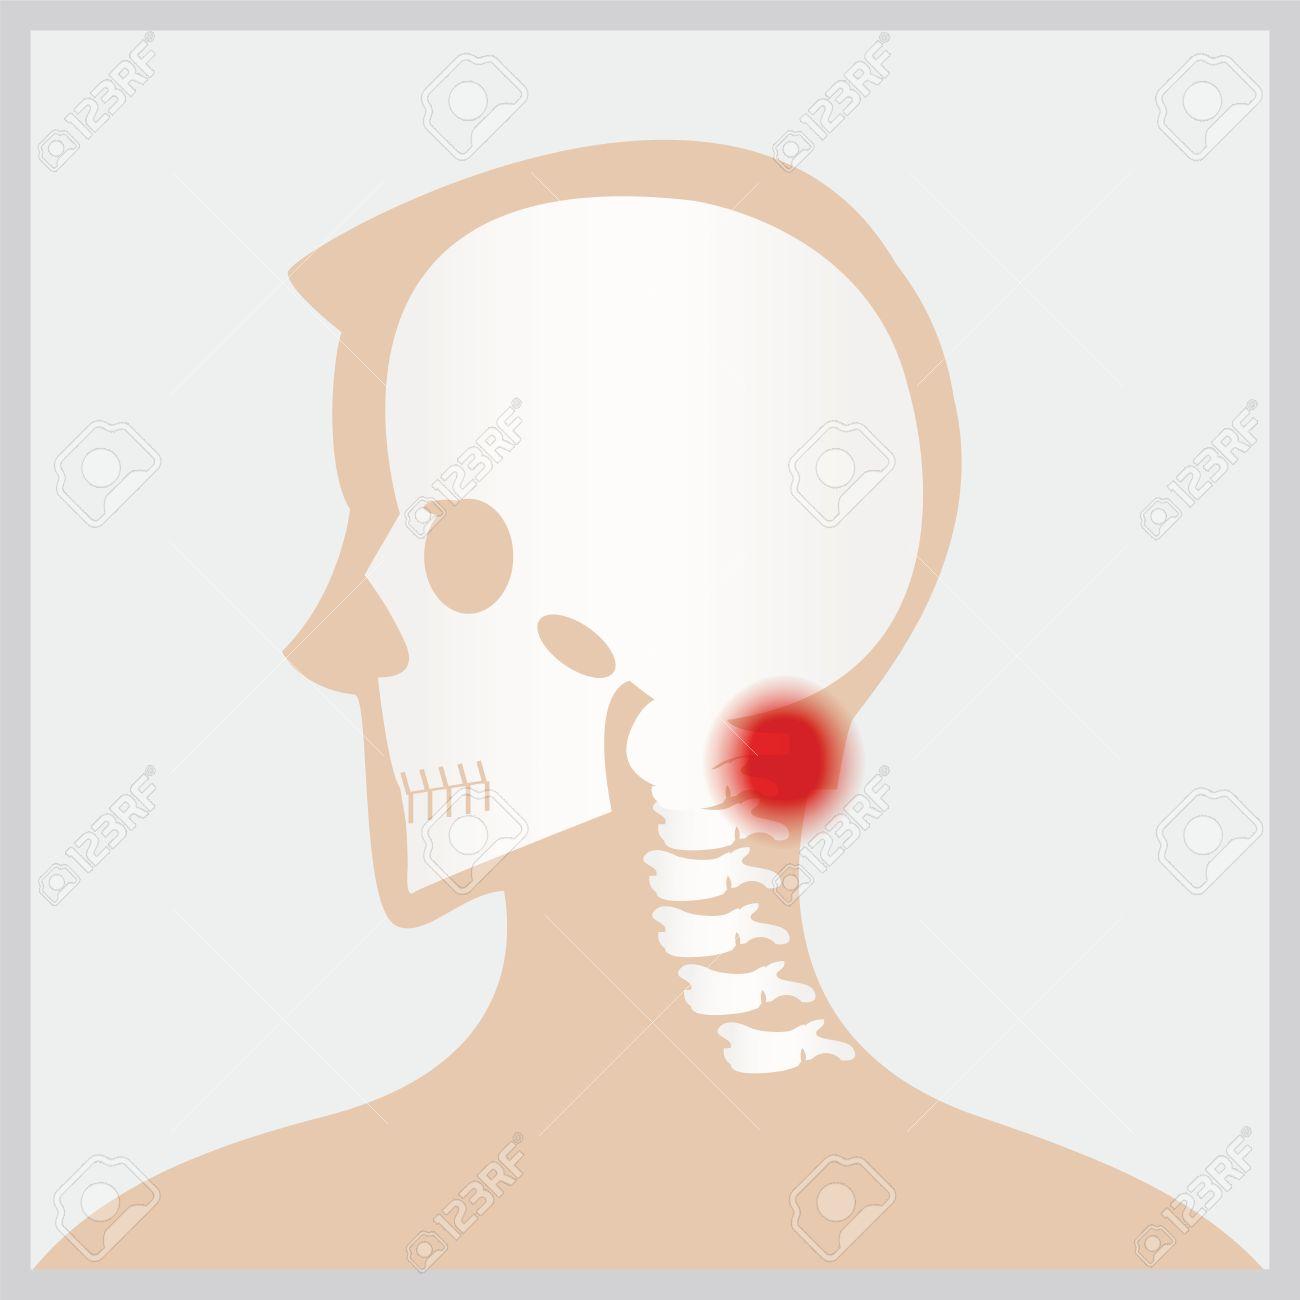 Die Erkrankung Der Kopf Und Hals, Die Gelenke Und Knochen ...